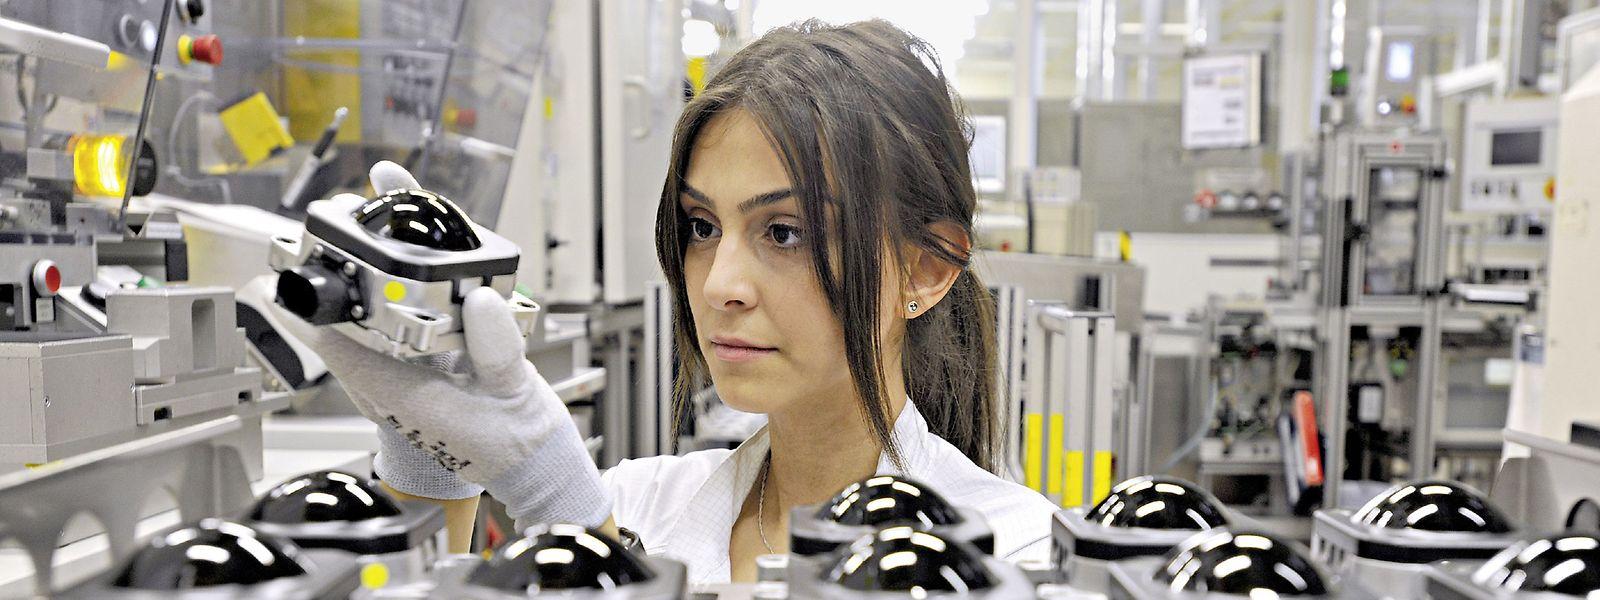 Bosch arbeitet mit Hochdruck an einem Schnelltestgerät.